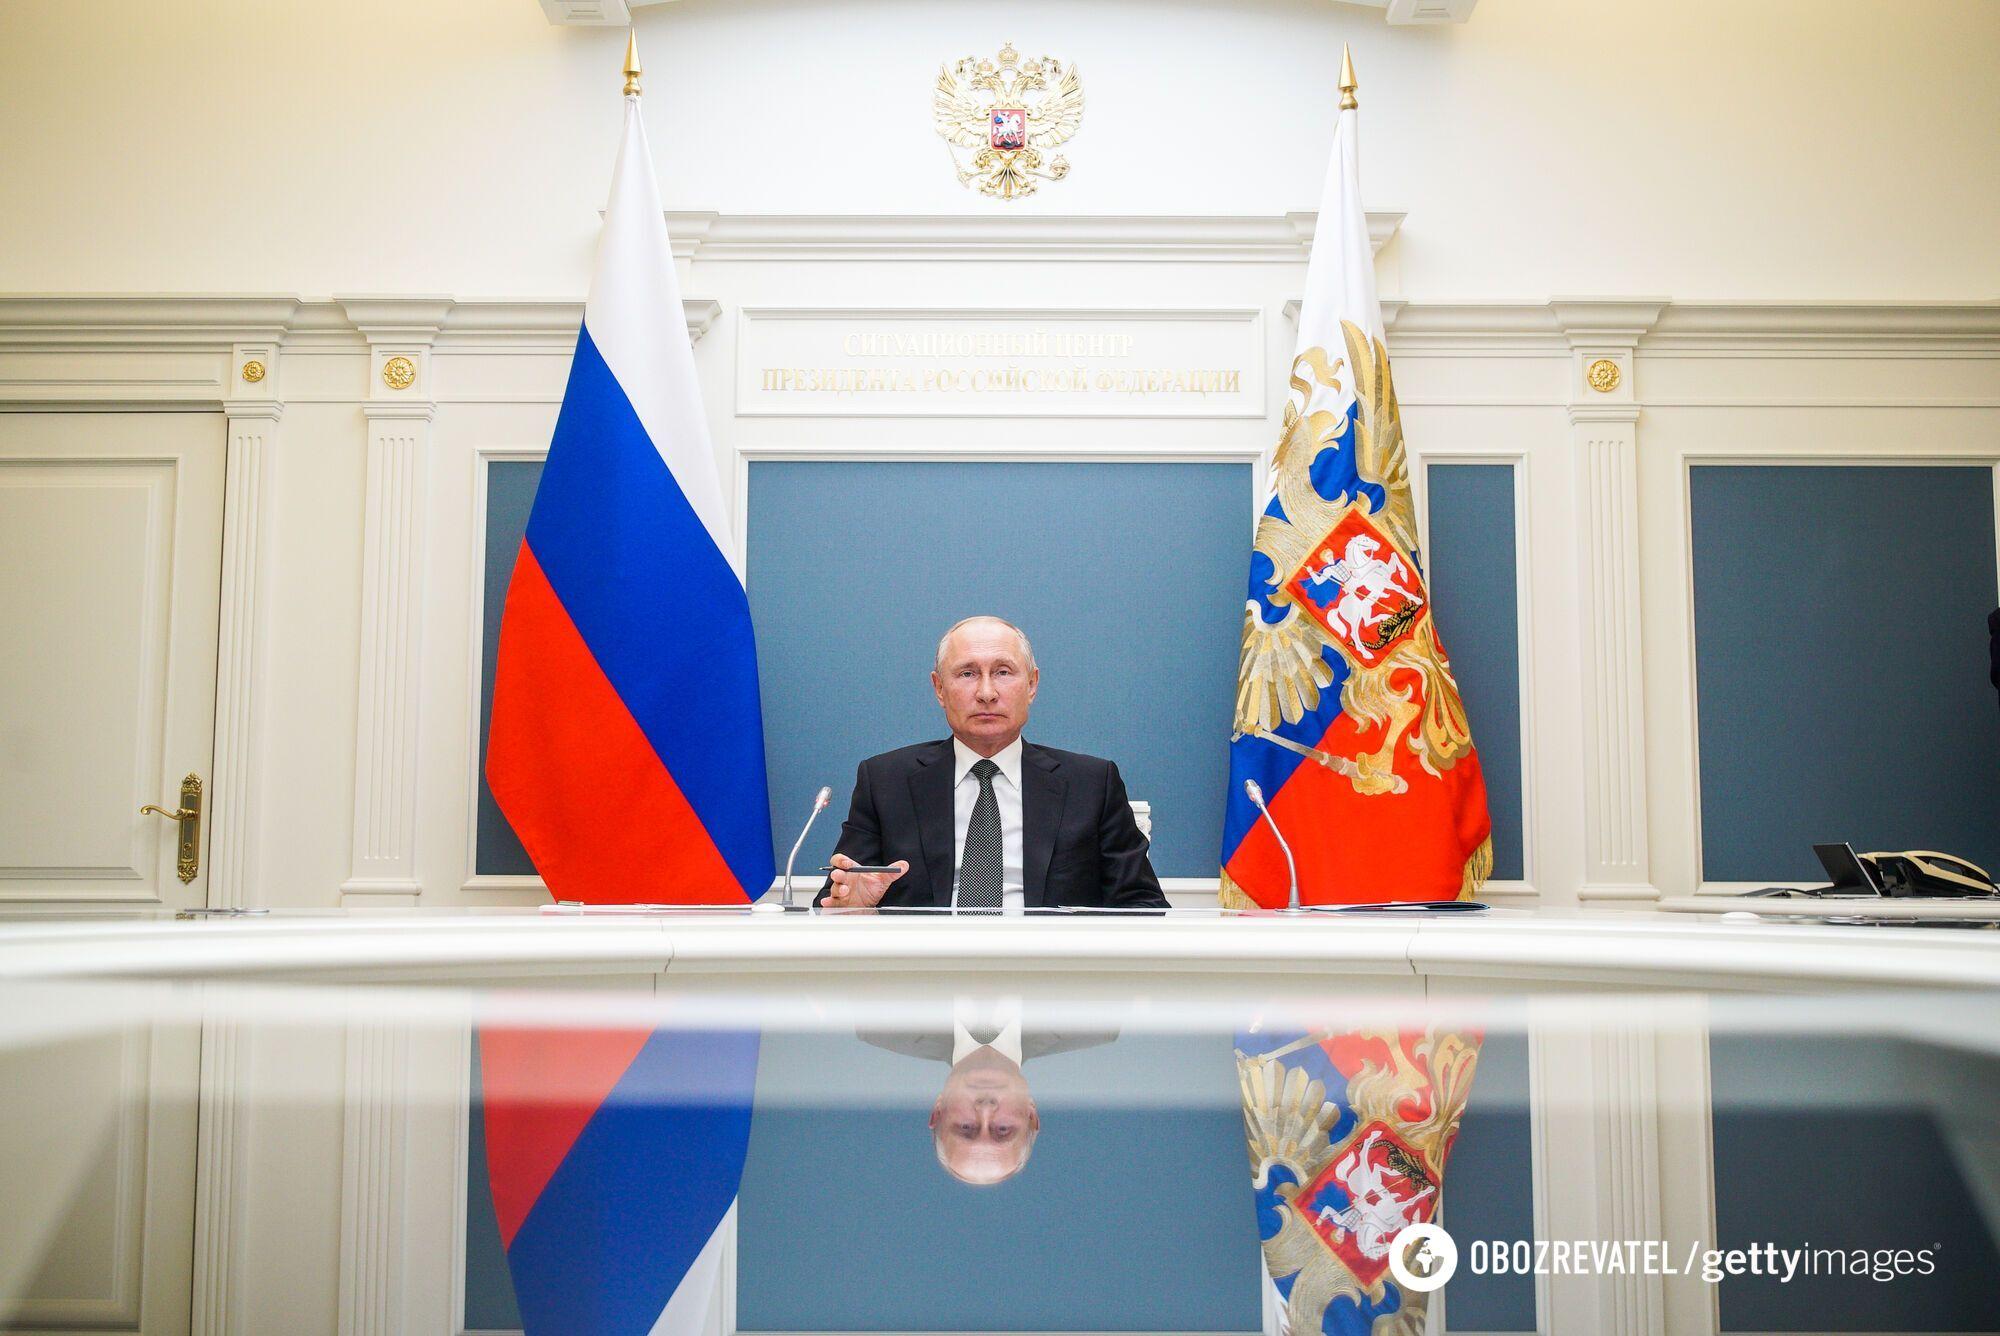 Російський президент Володимир Путін, найімовірніше, готовий розірвати відносини із Євросоюзом